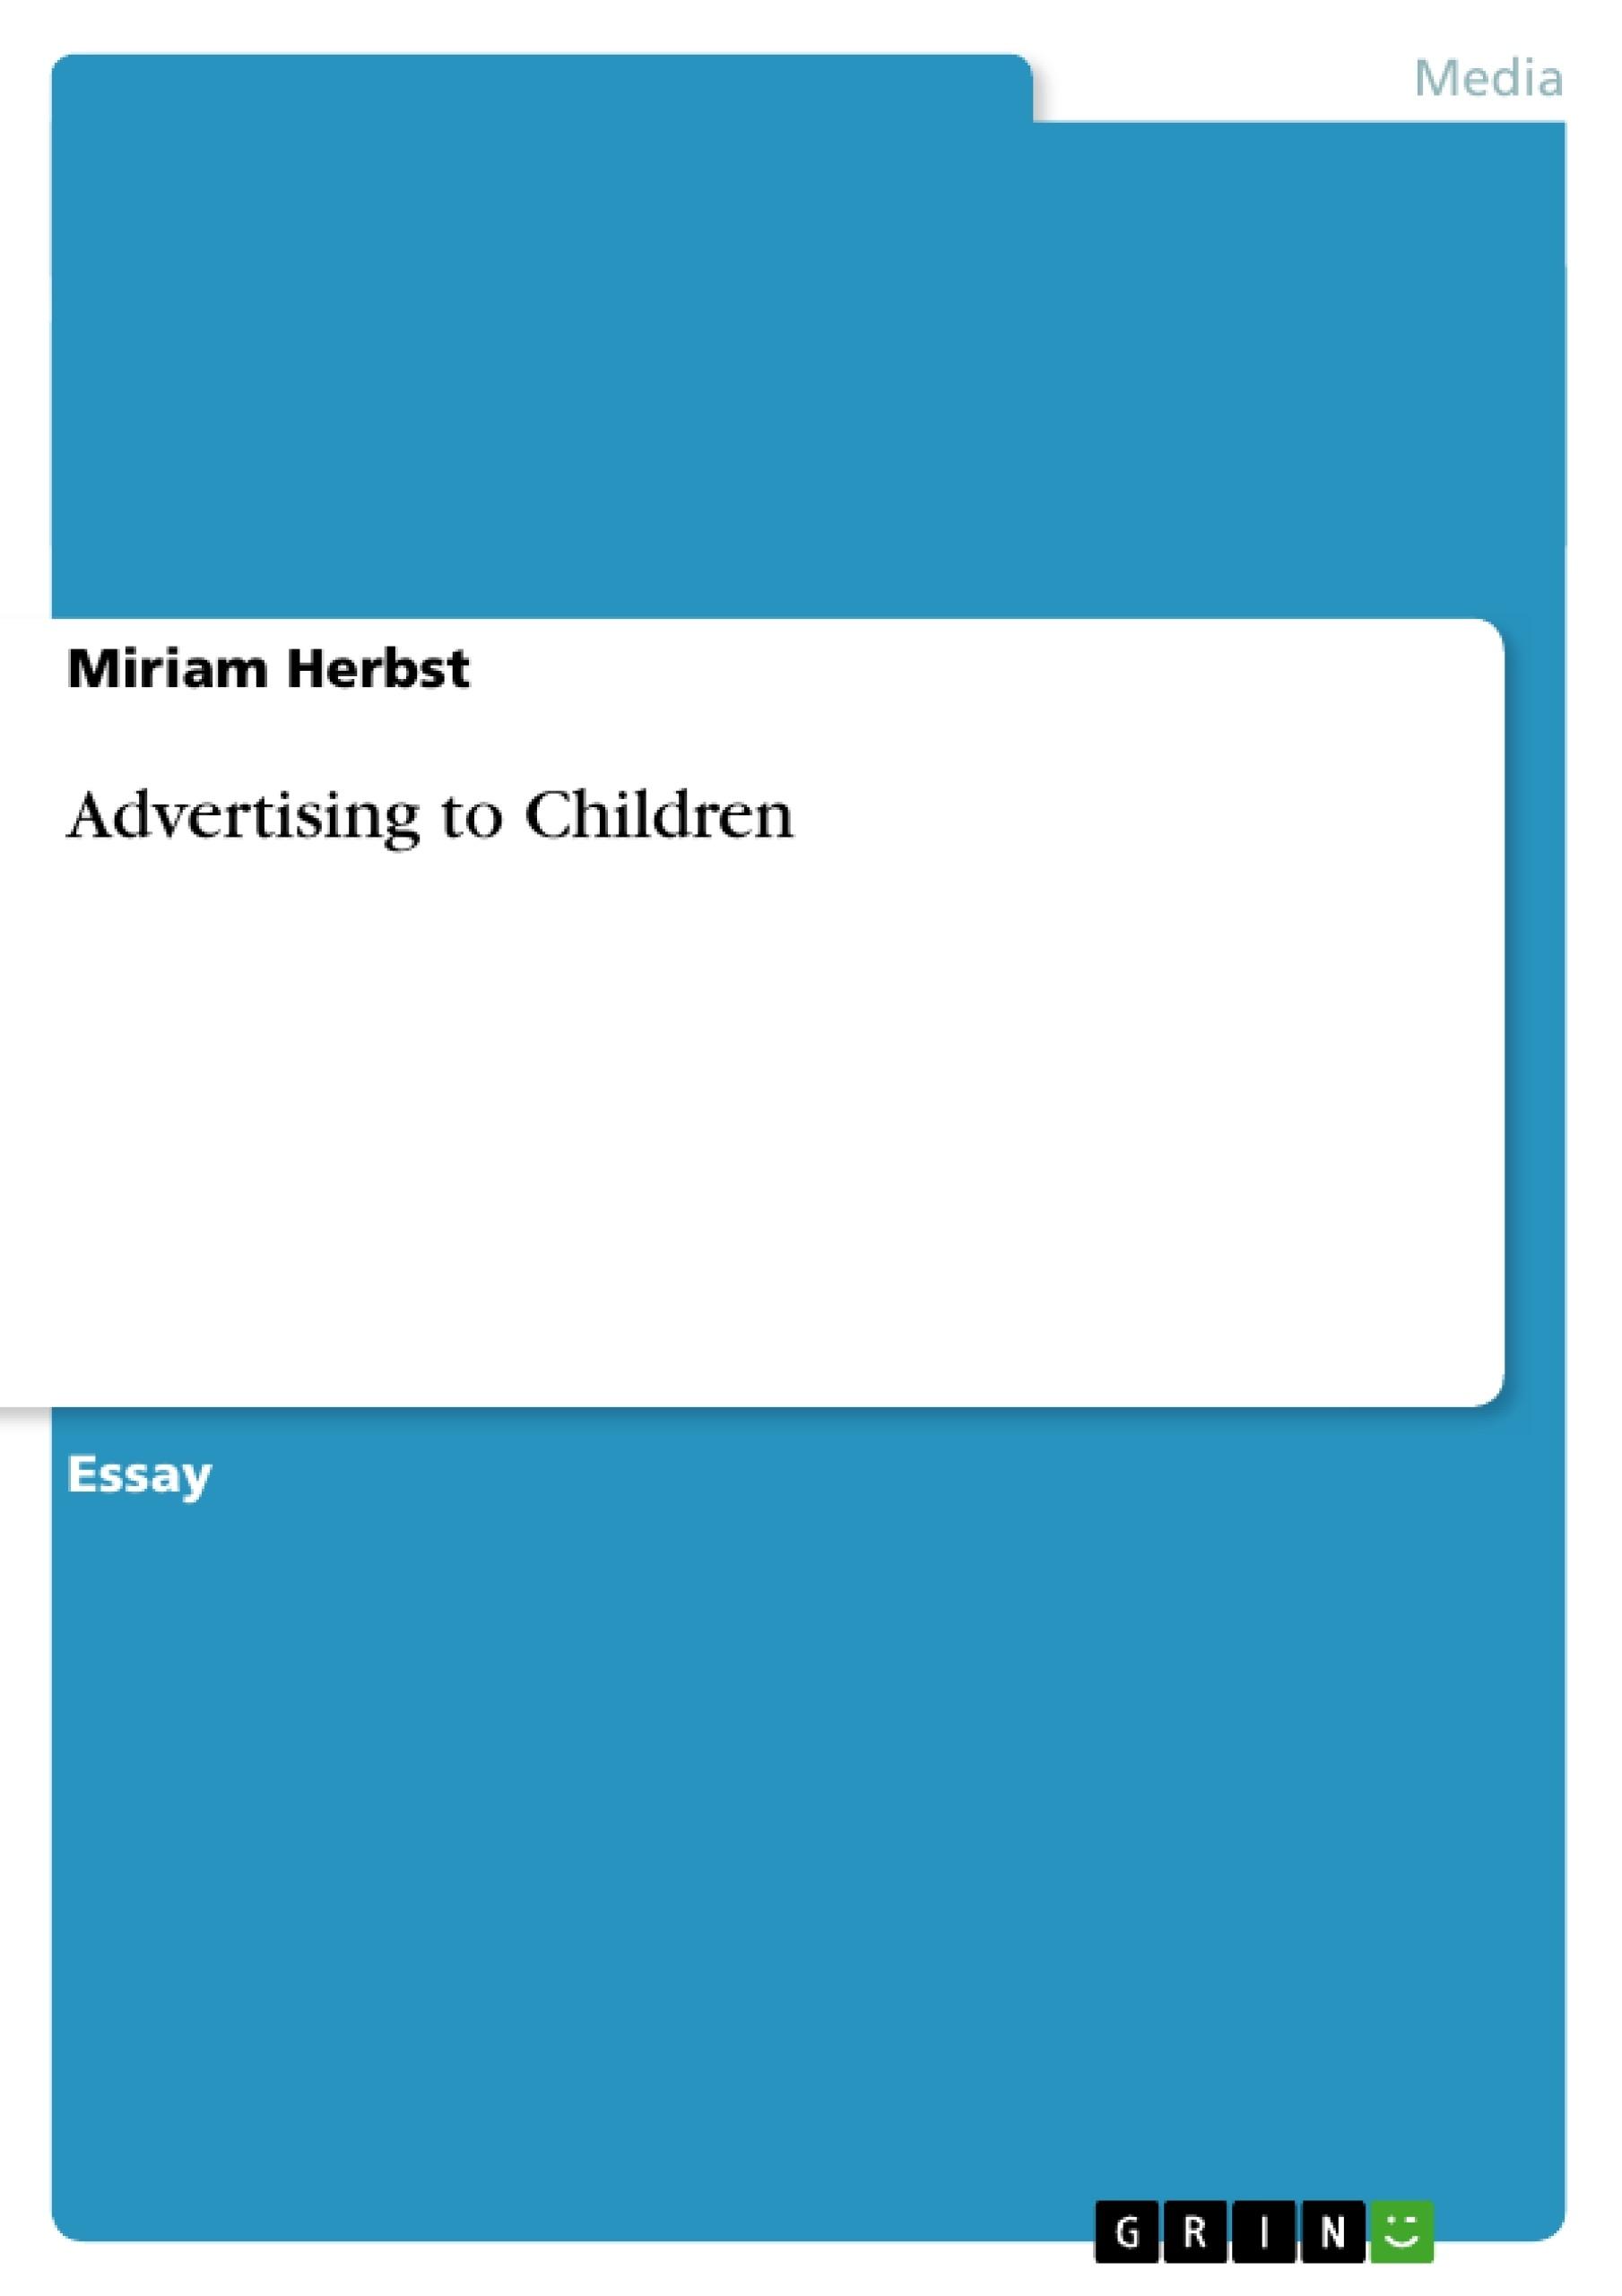 Advertising Children Advertising to Children a Brief&nbspEssay